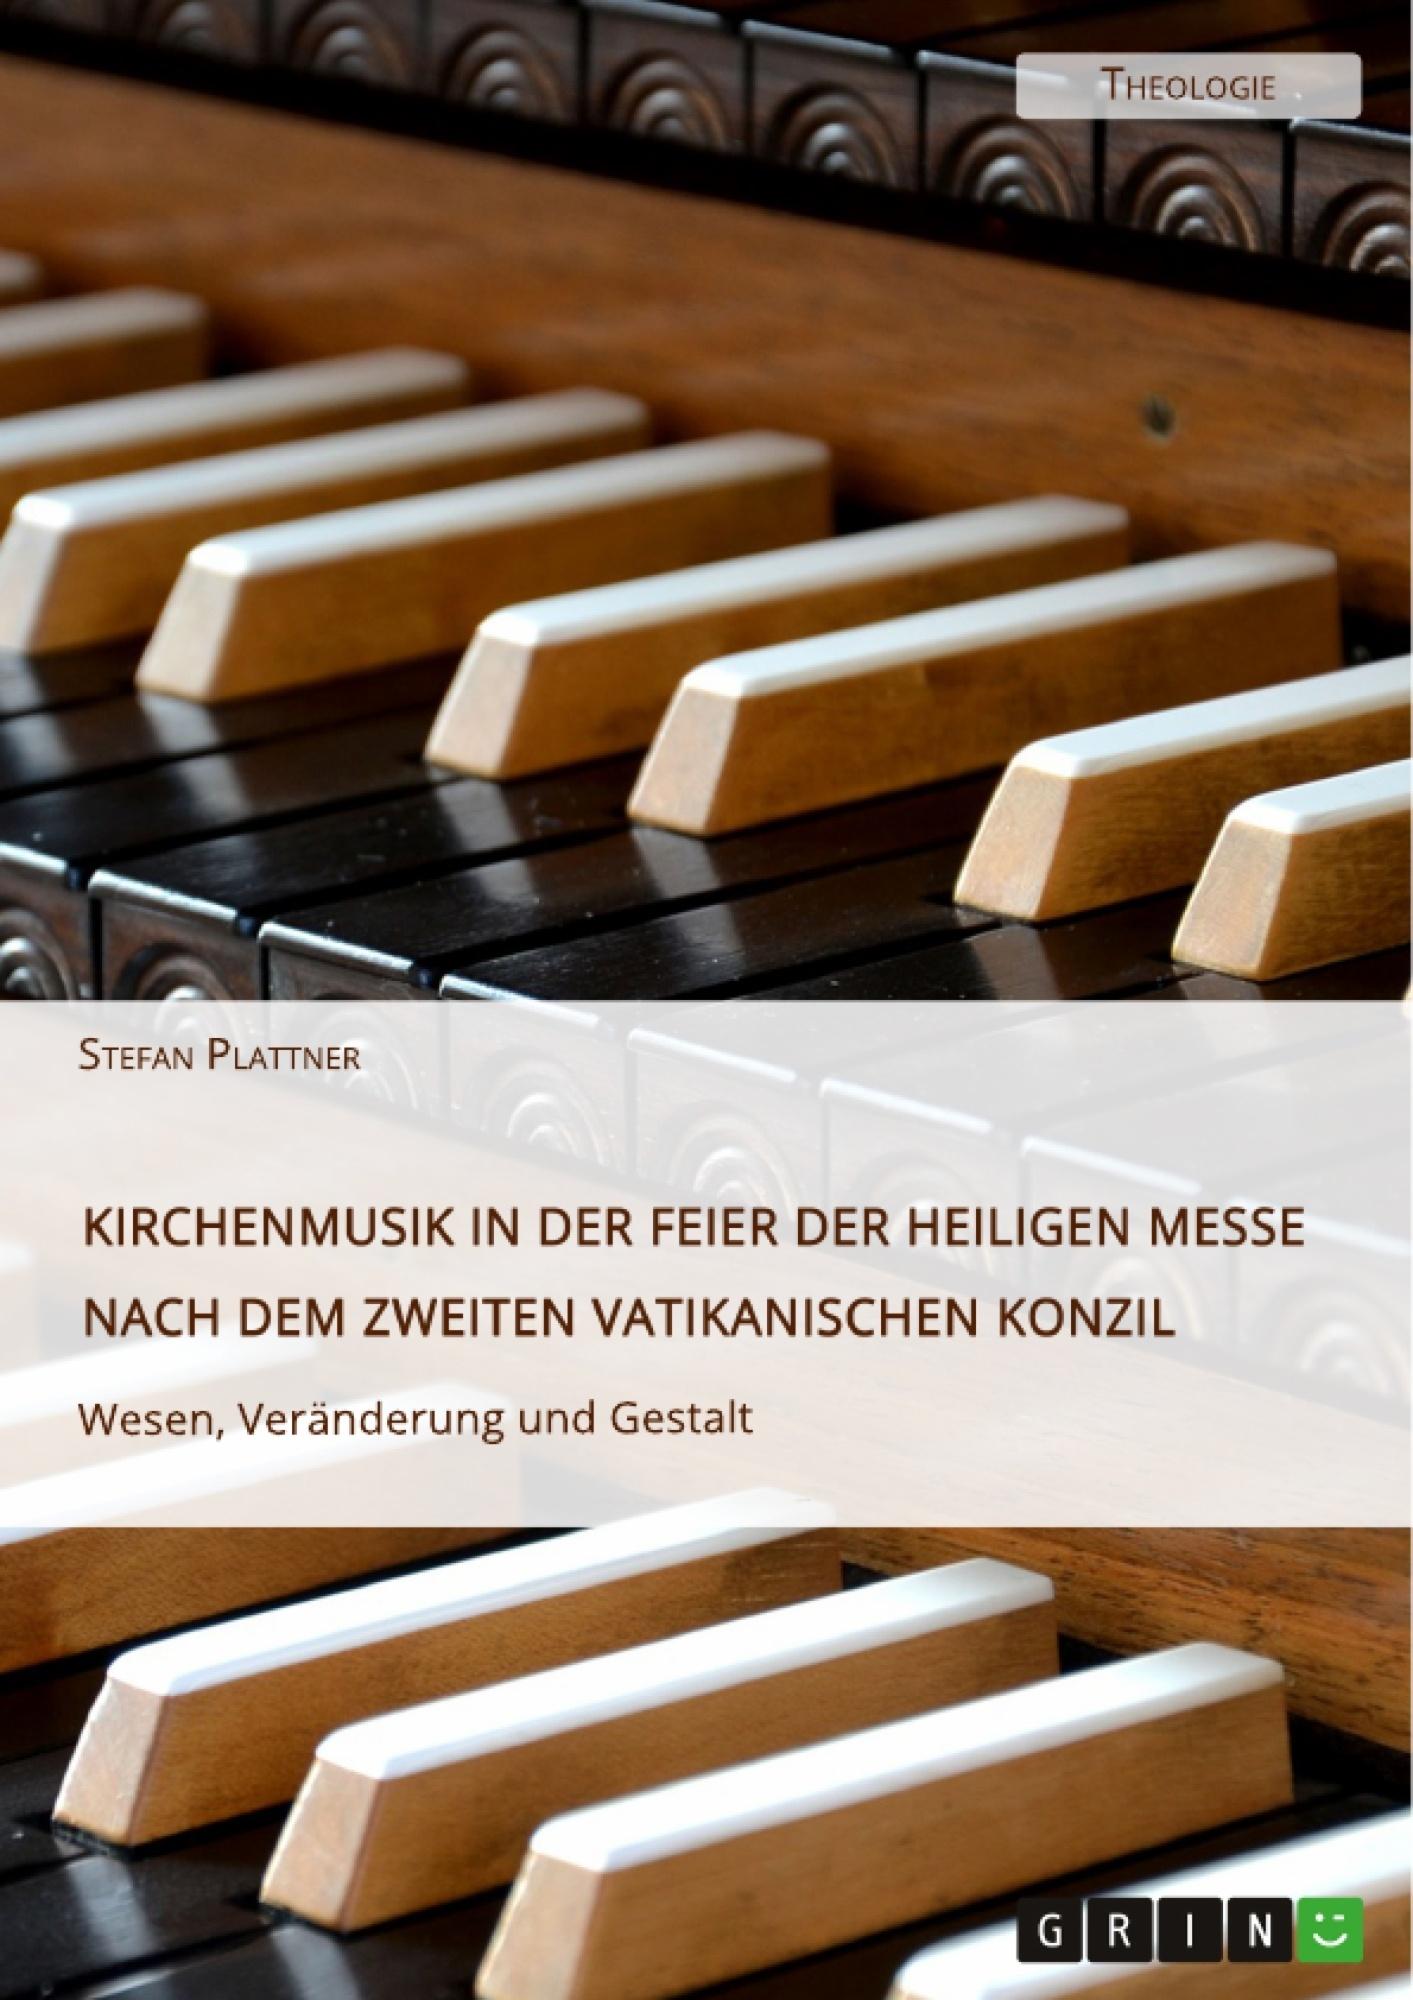 Titel: Kirchenmusik in der Feier der Heiligen Messe nach dem Zweiten Vatikanischen Konzil. Wesen, Veränderung und Gestalt